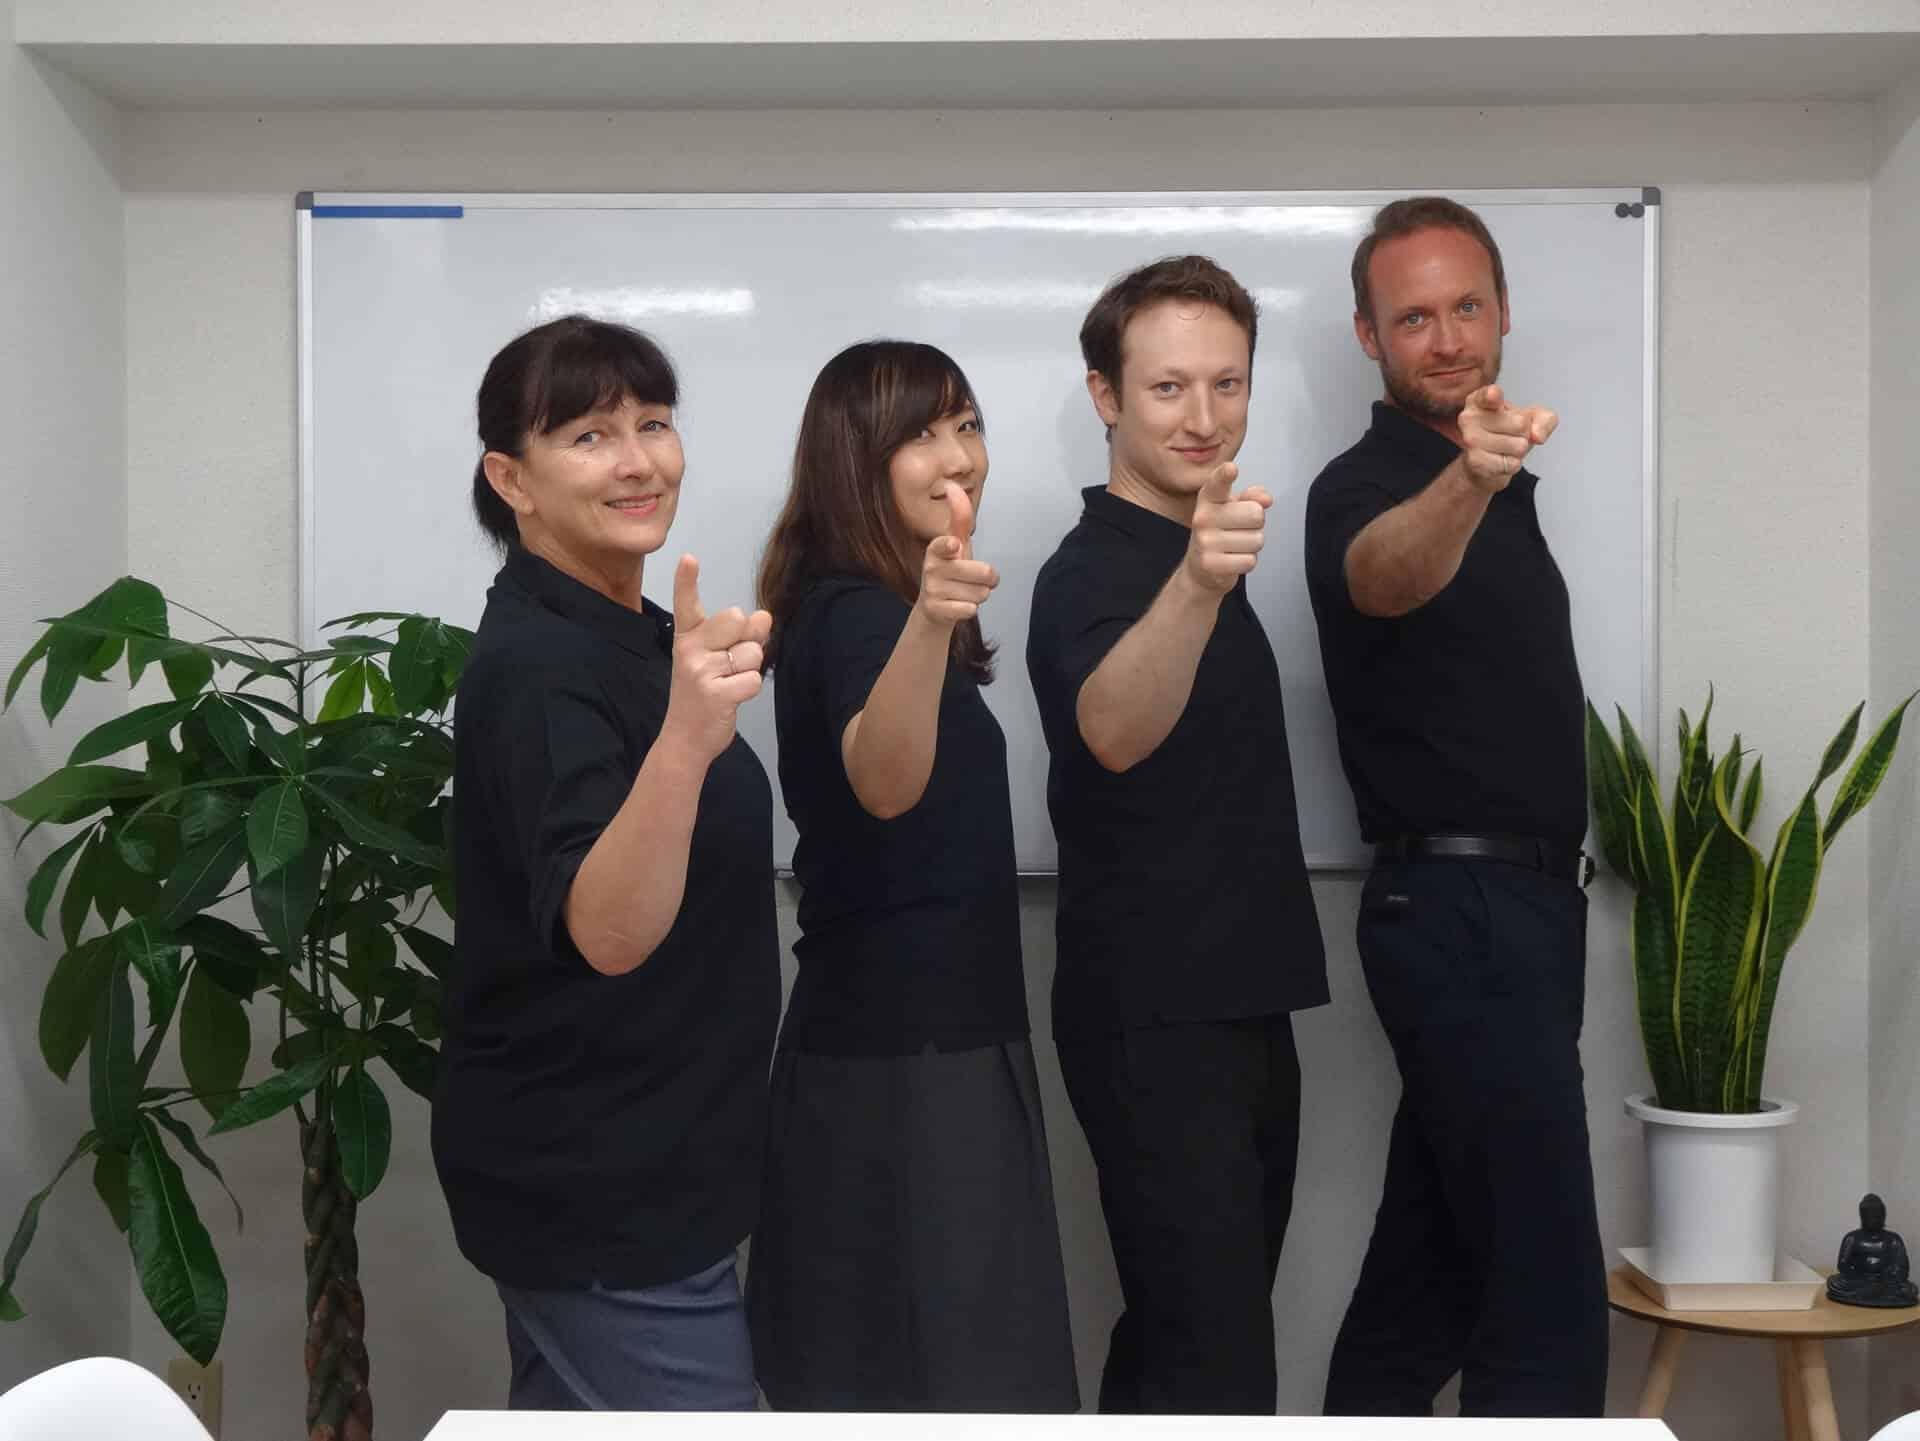 ビヨンドスタッフ 4人の先生とスタッフが指をさしてあなたを見ています